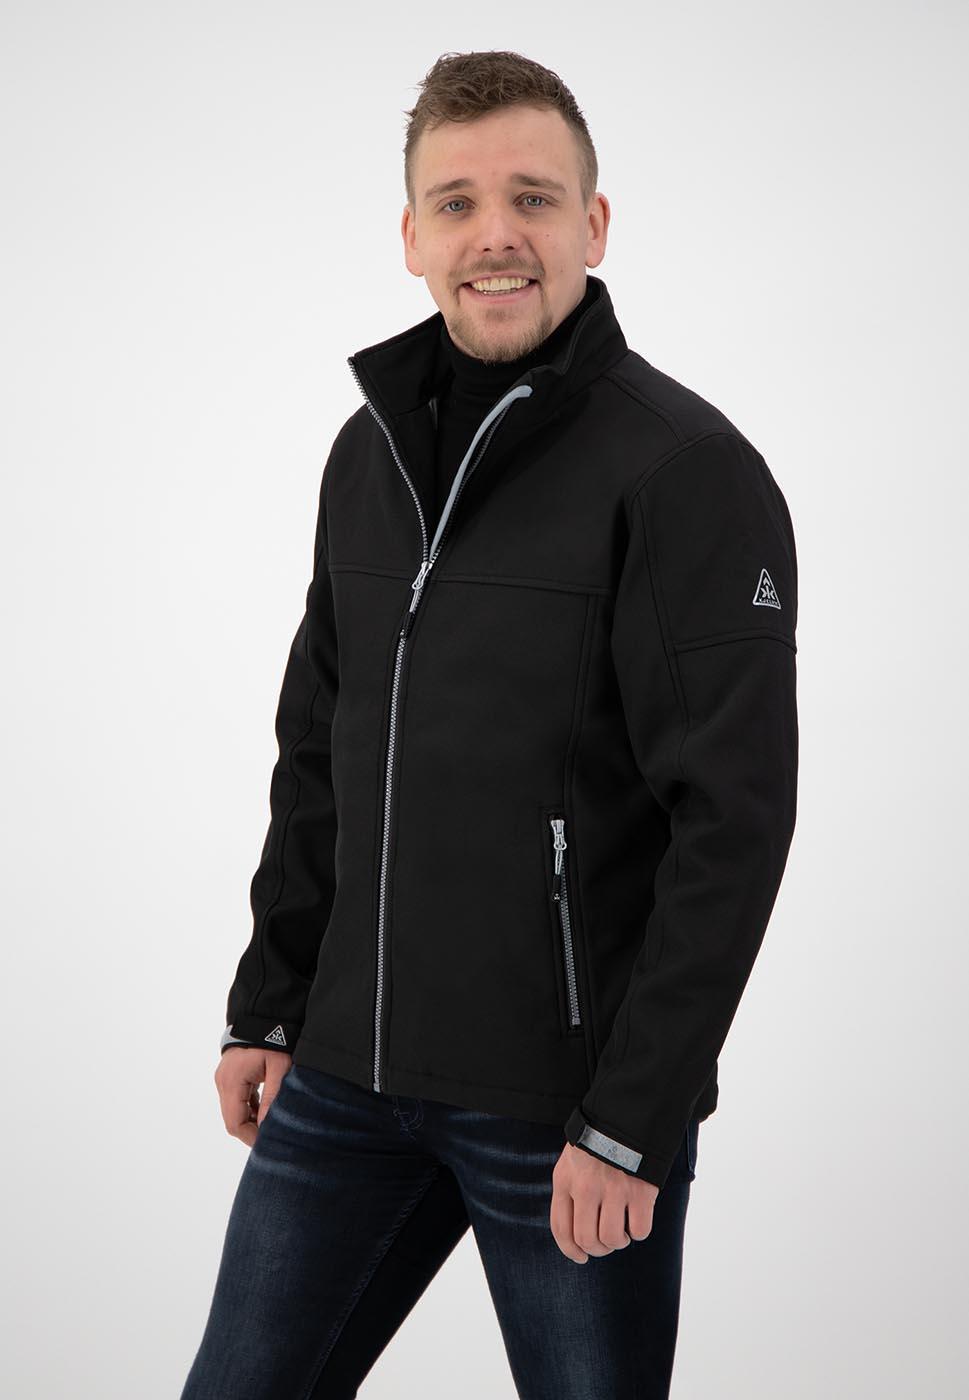 Kjelvik Scandinavian Clothing - Men Softshell Odense Black